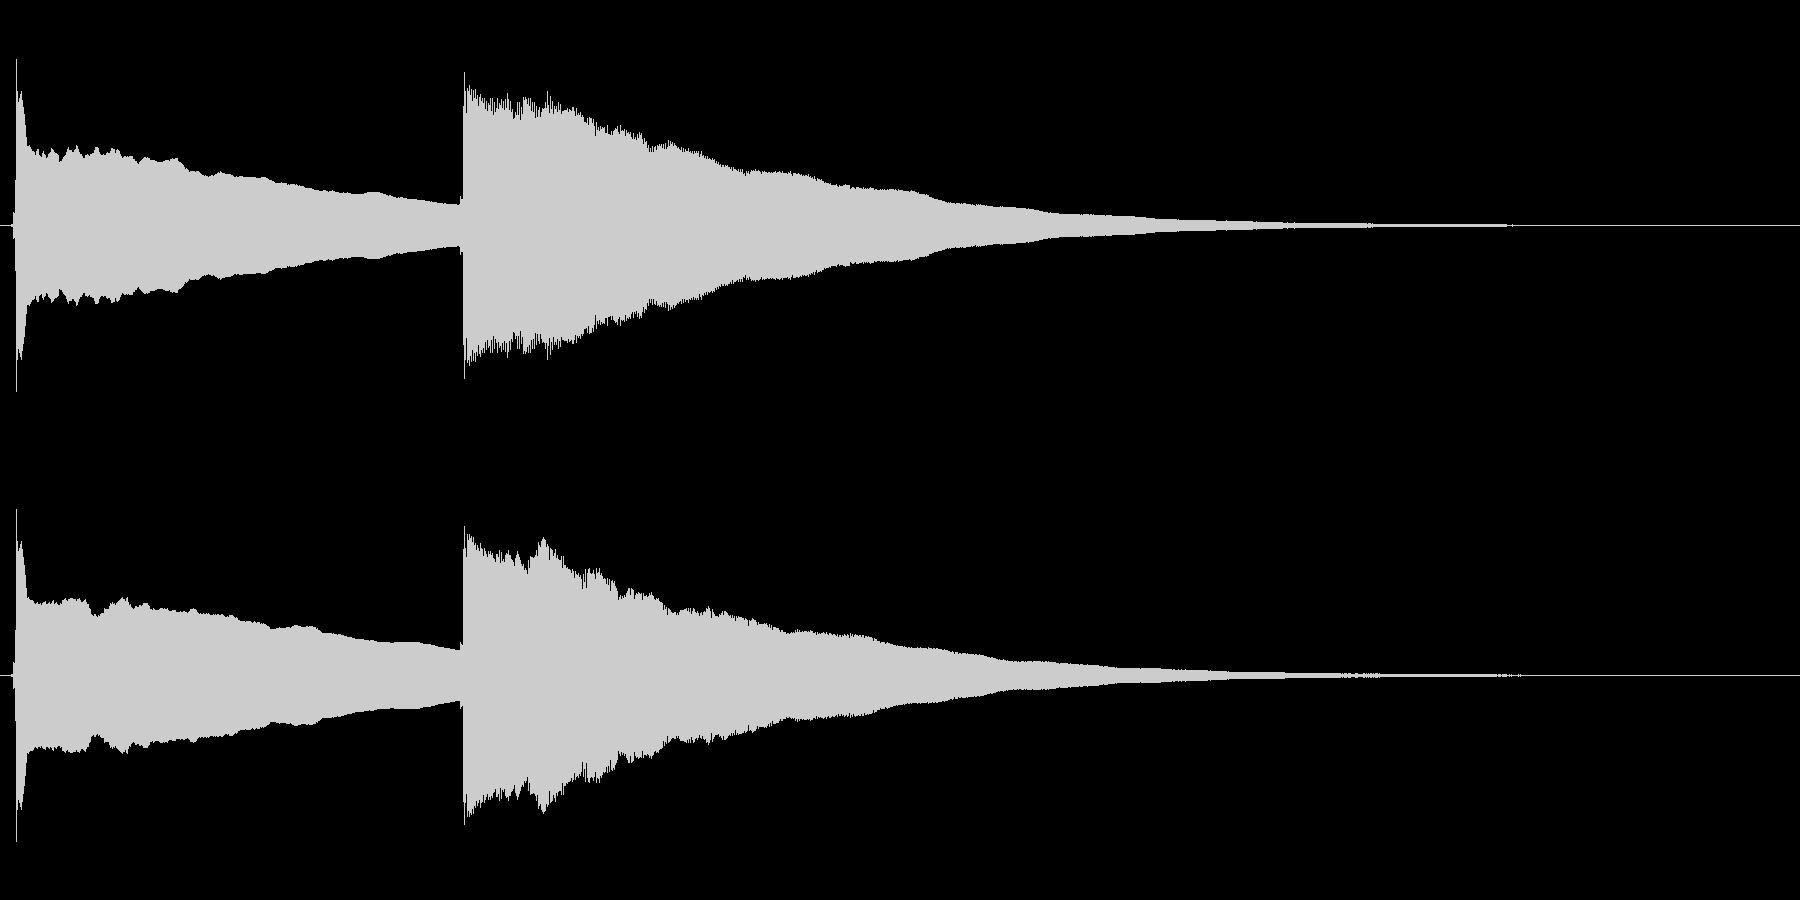 ピンポン (2)の未再生の波形